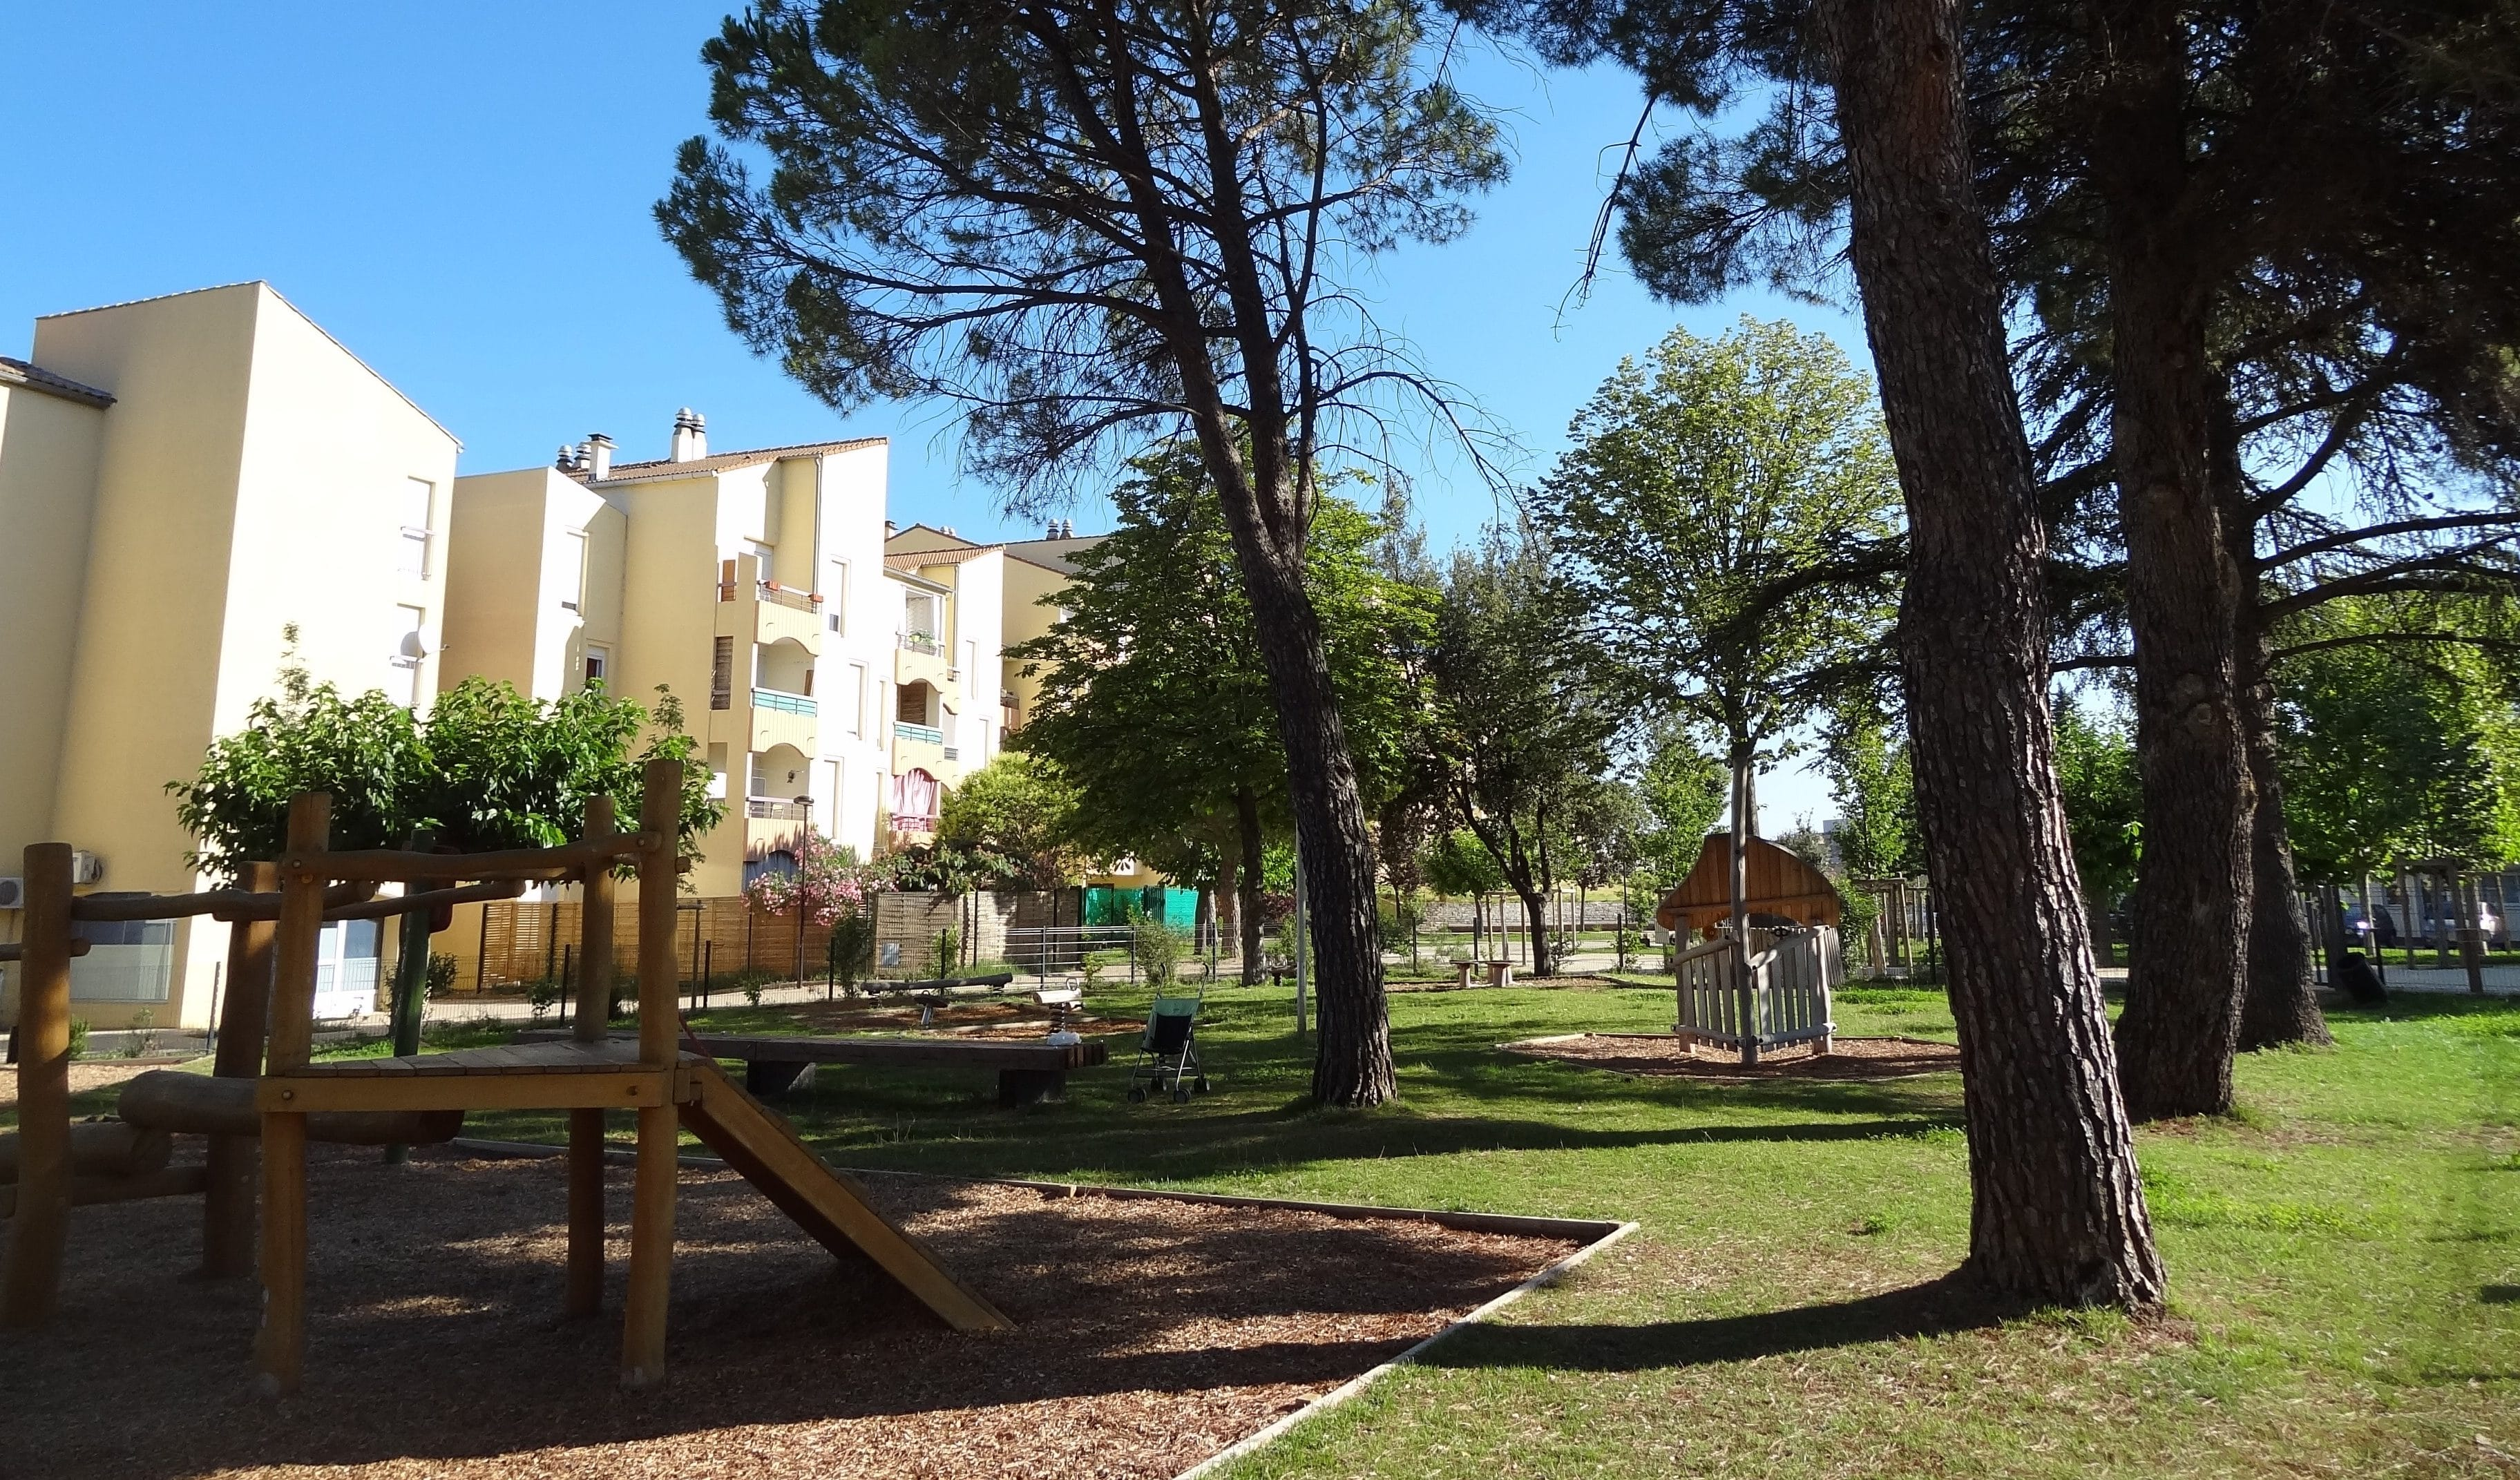 Plan de Cros à Saint-Mathieu-de-Tréviers réaménagé à l'aide d'un fonds de concours. Photo : Christophe Colrat